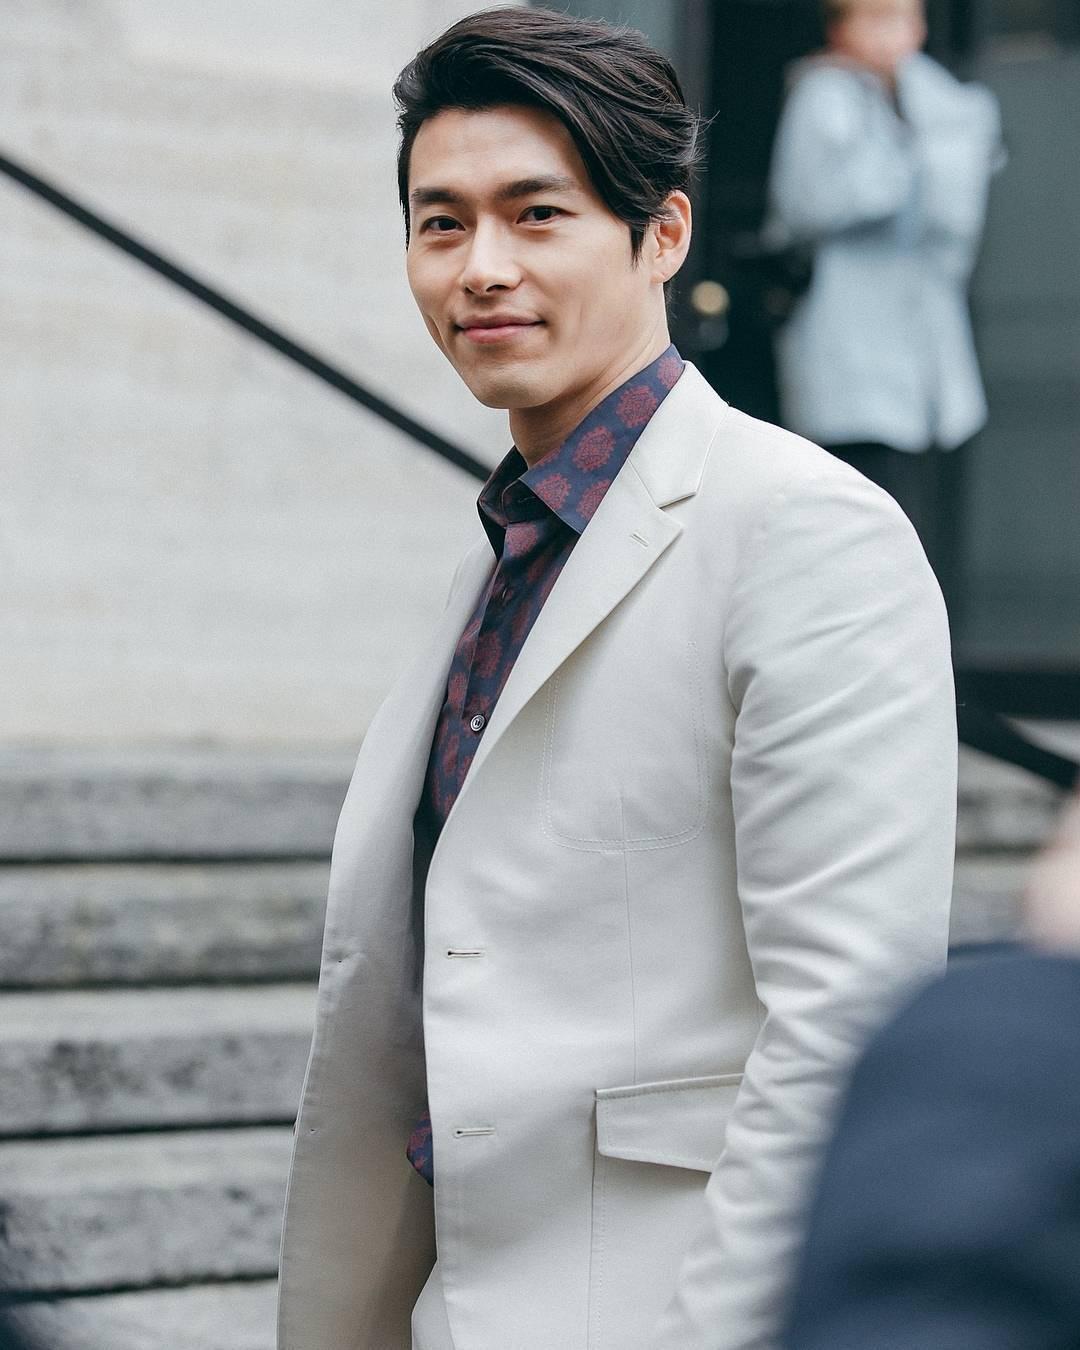 Khi siêu sao hạng A xứ Hàn dự sự kiện casino o viet nam: Người sang như ông hoàng bà hoàng, kẻ gặp sự cố nhạy cảm khó đỡ - Ảnh 12.